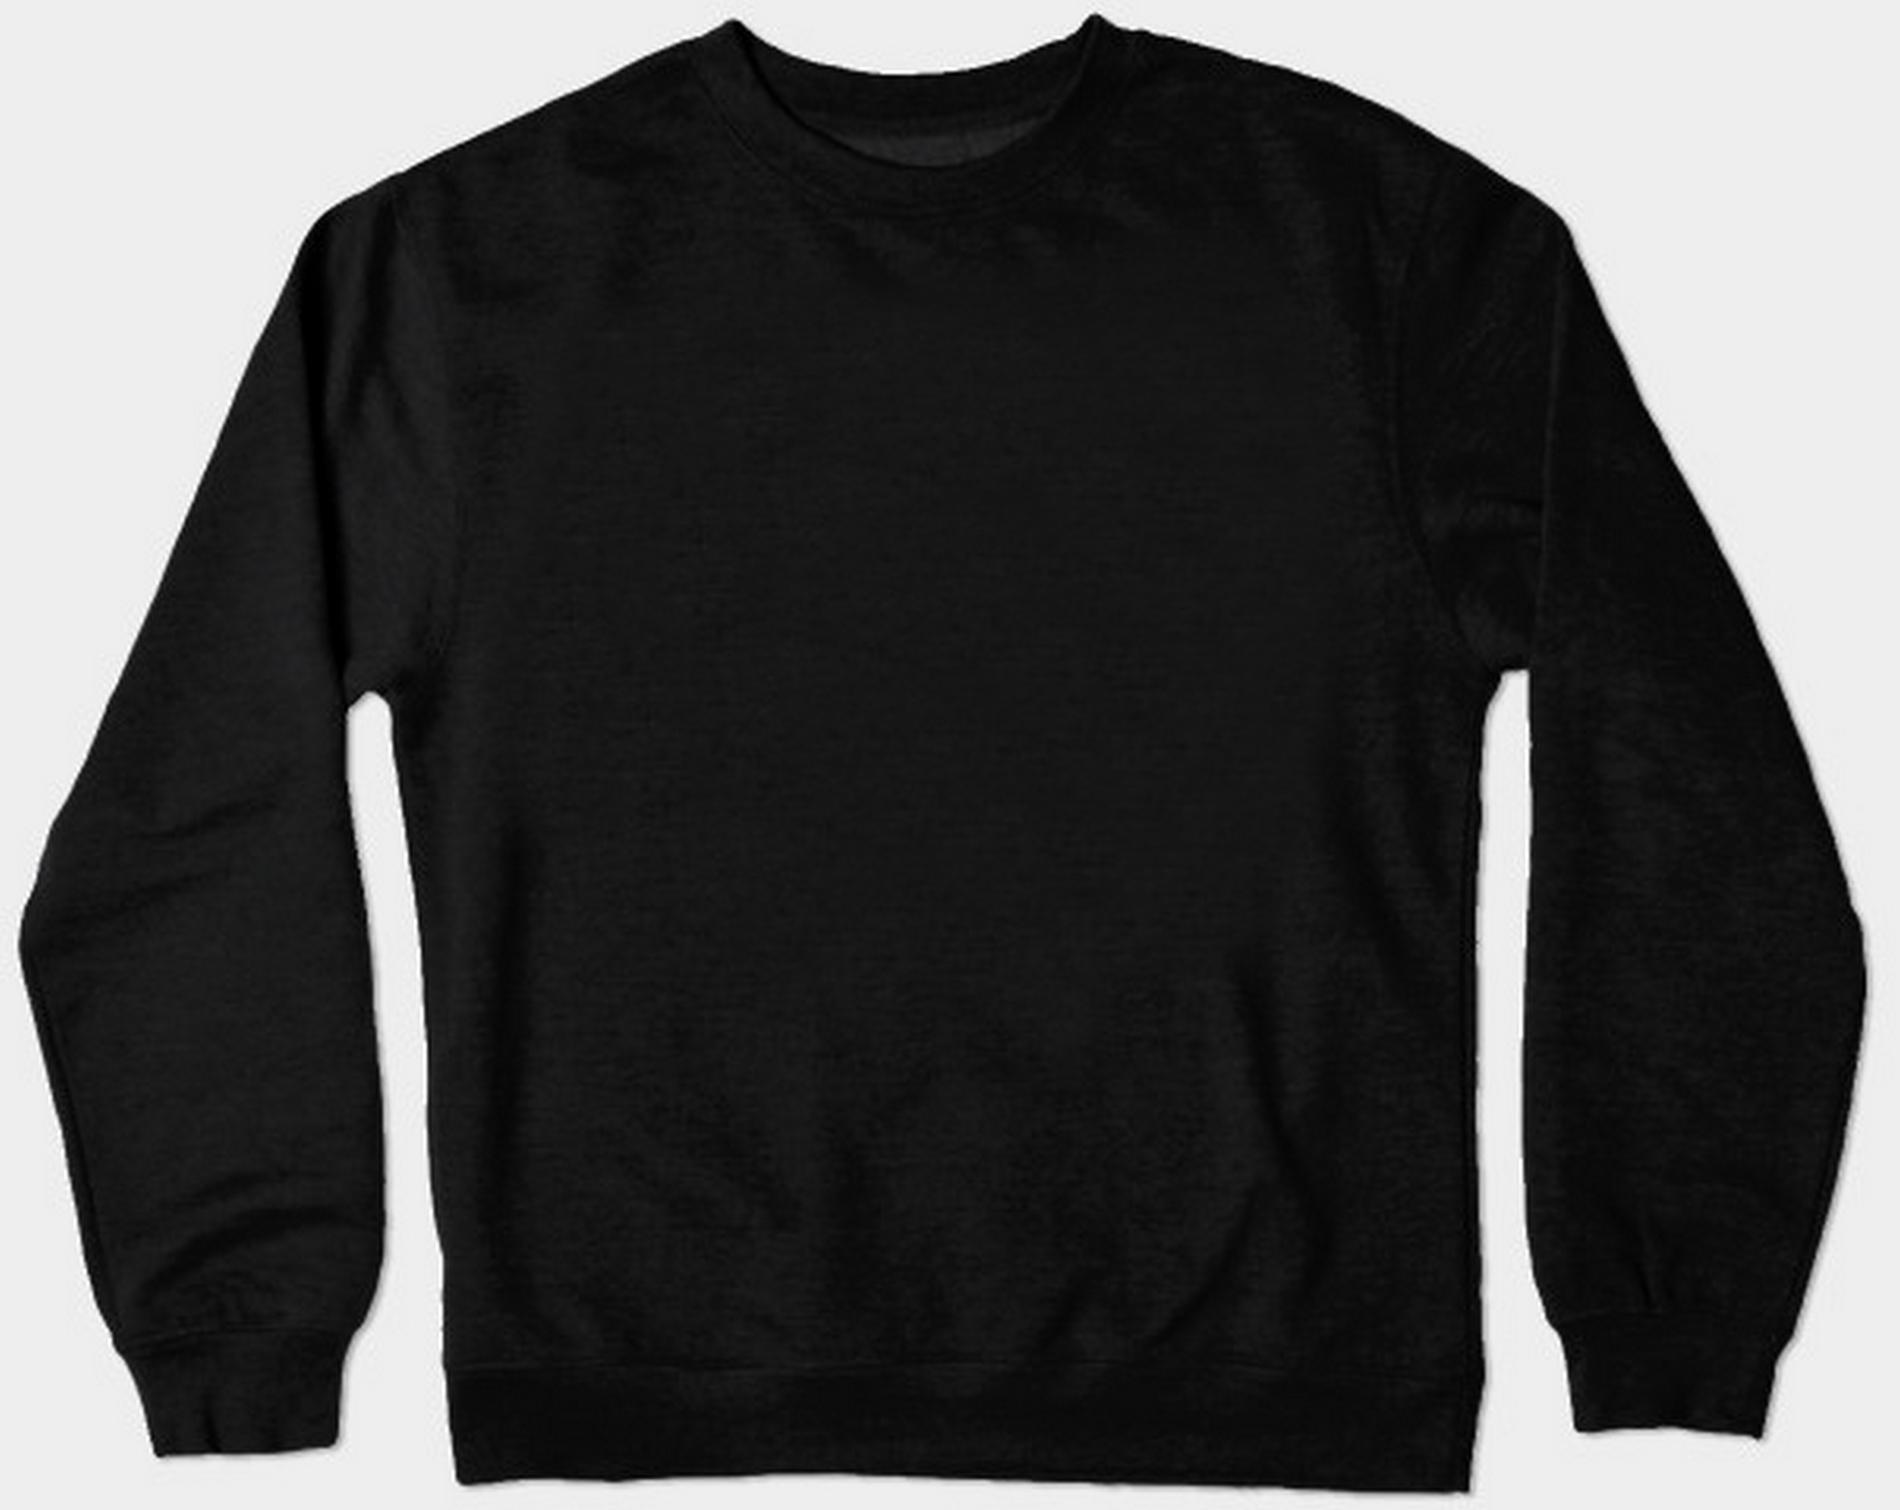 Fantasy Crewneck Sweatshirt